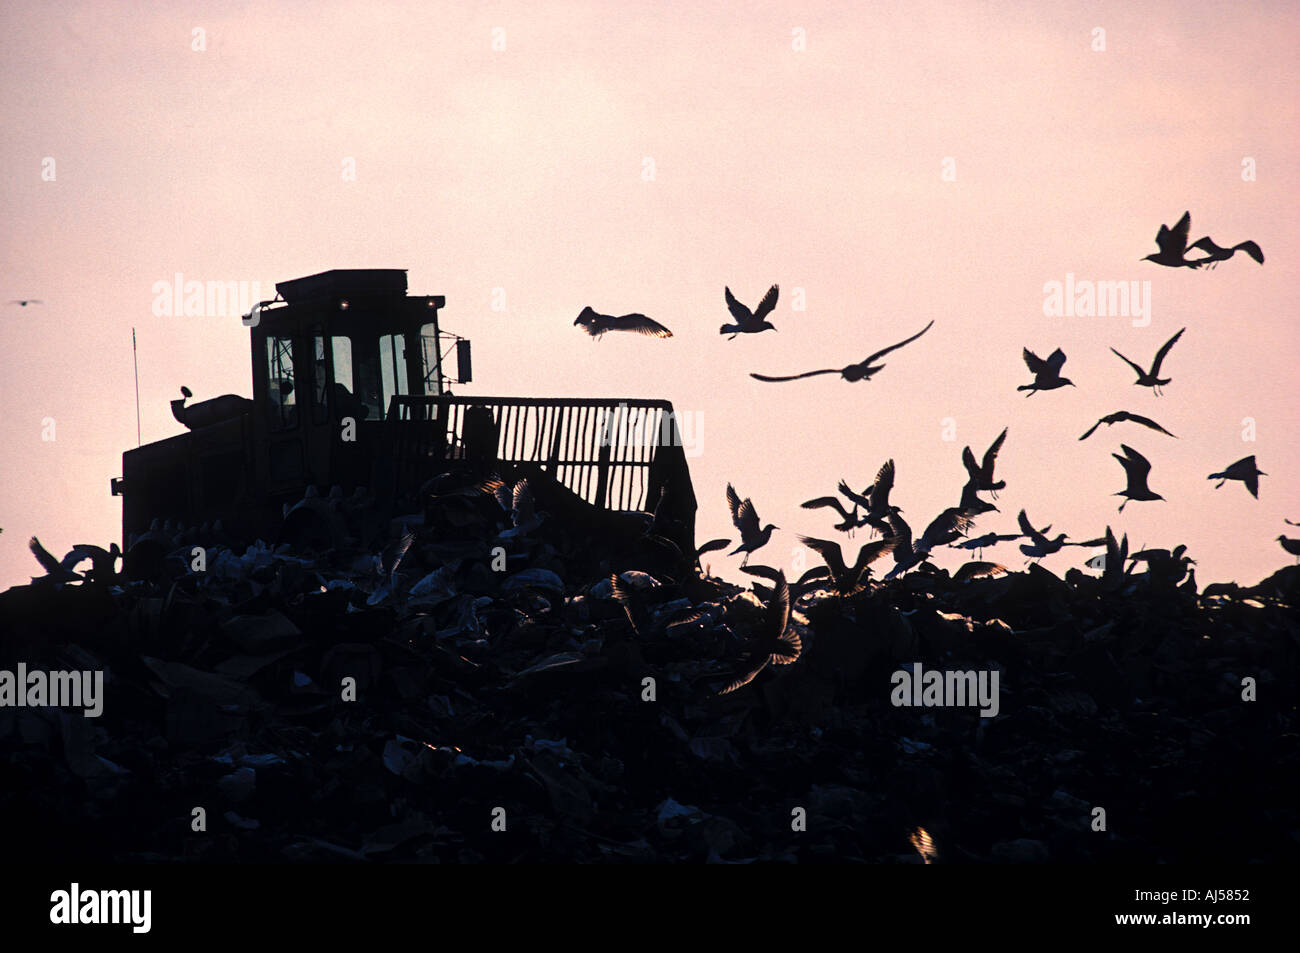 bulldozer pushing garbage in landfill while seagulls circle - Stock Image